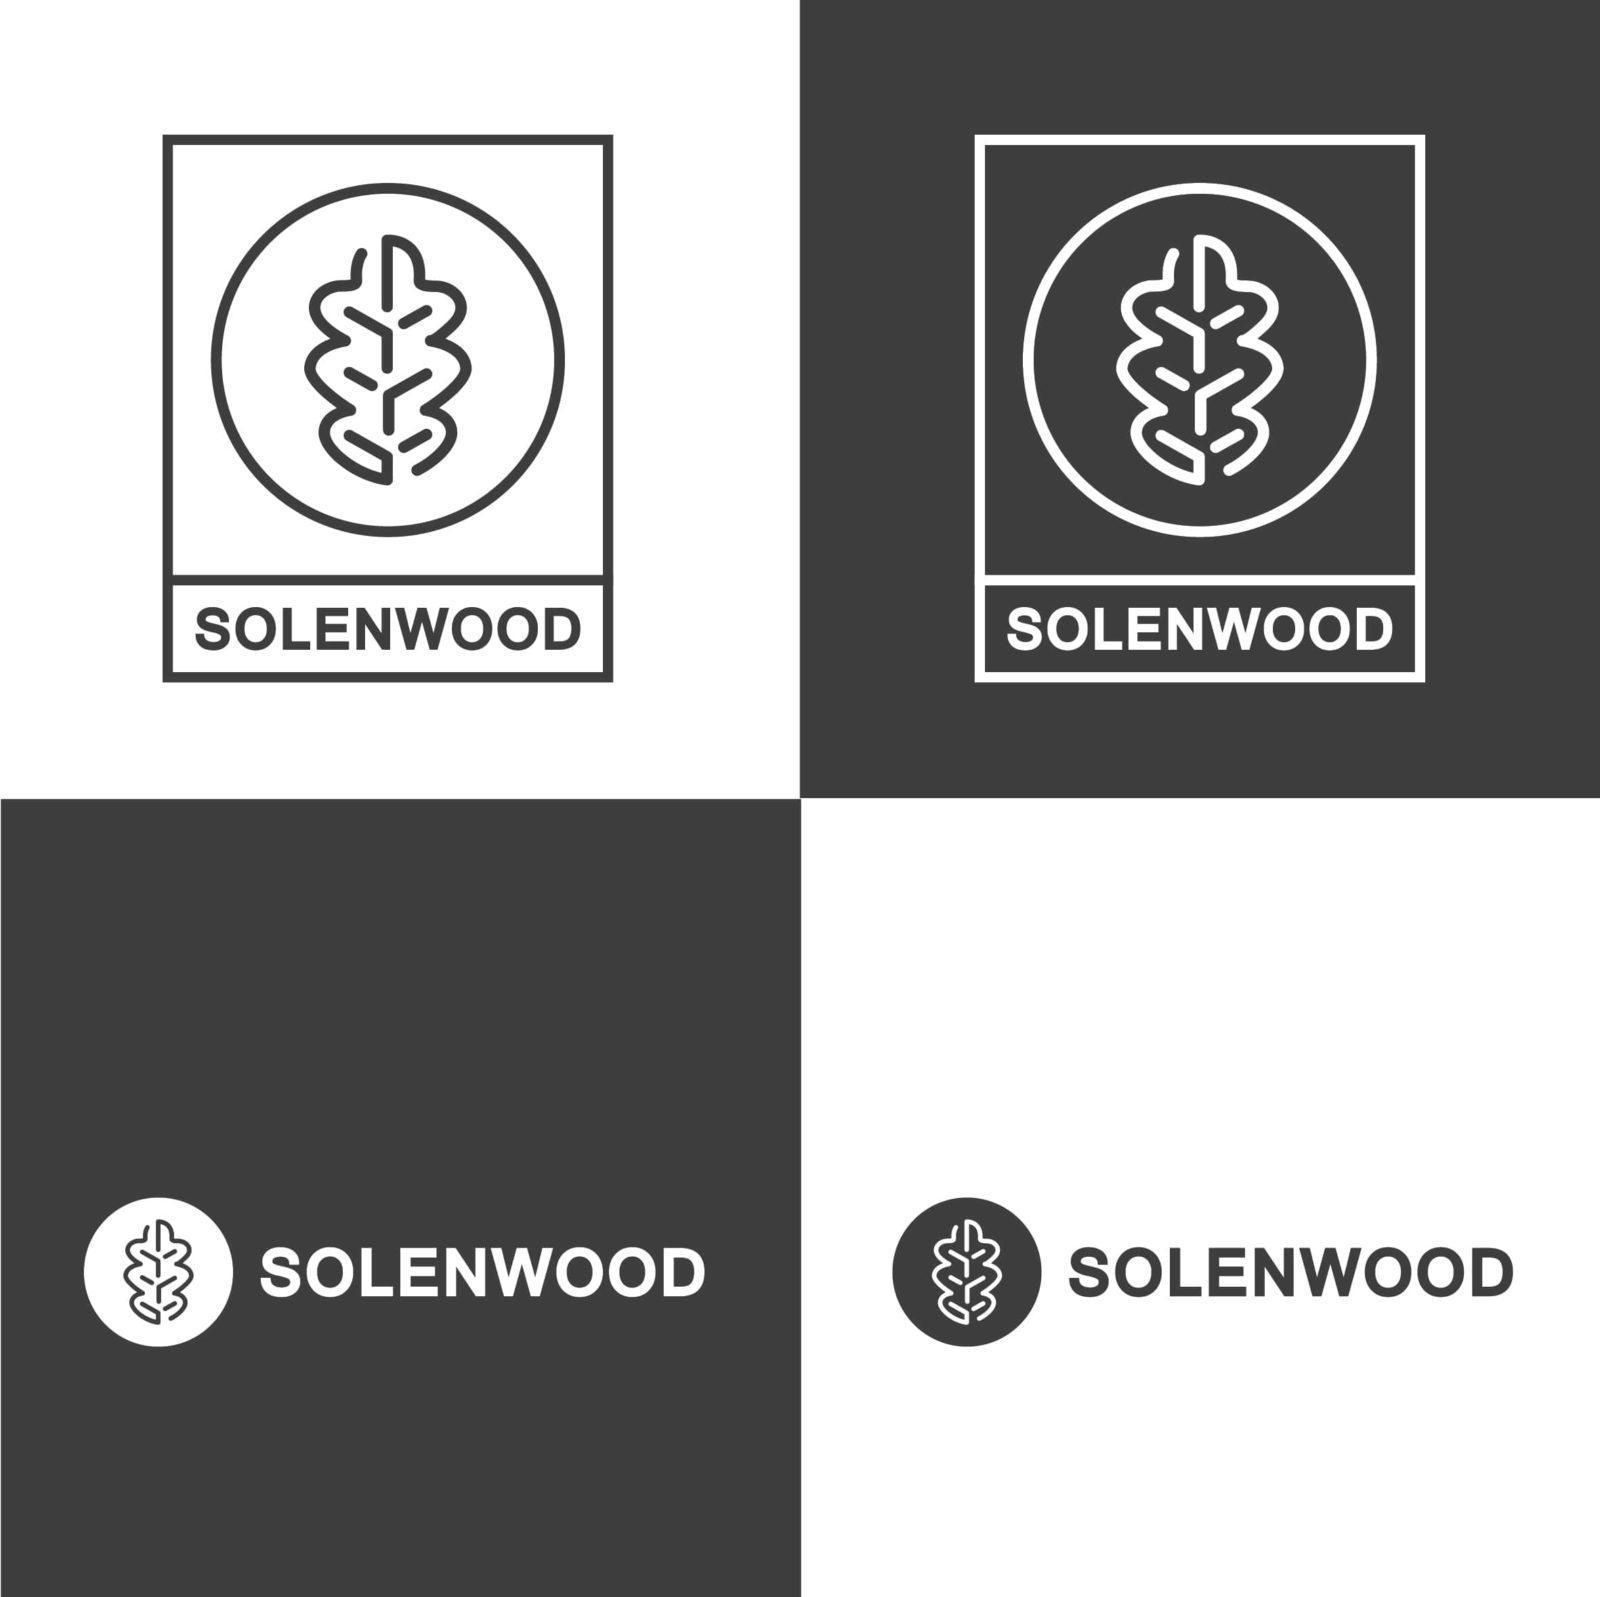 логотип в виде дубового листа